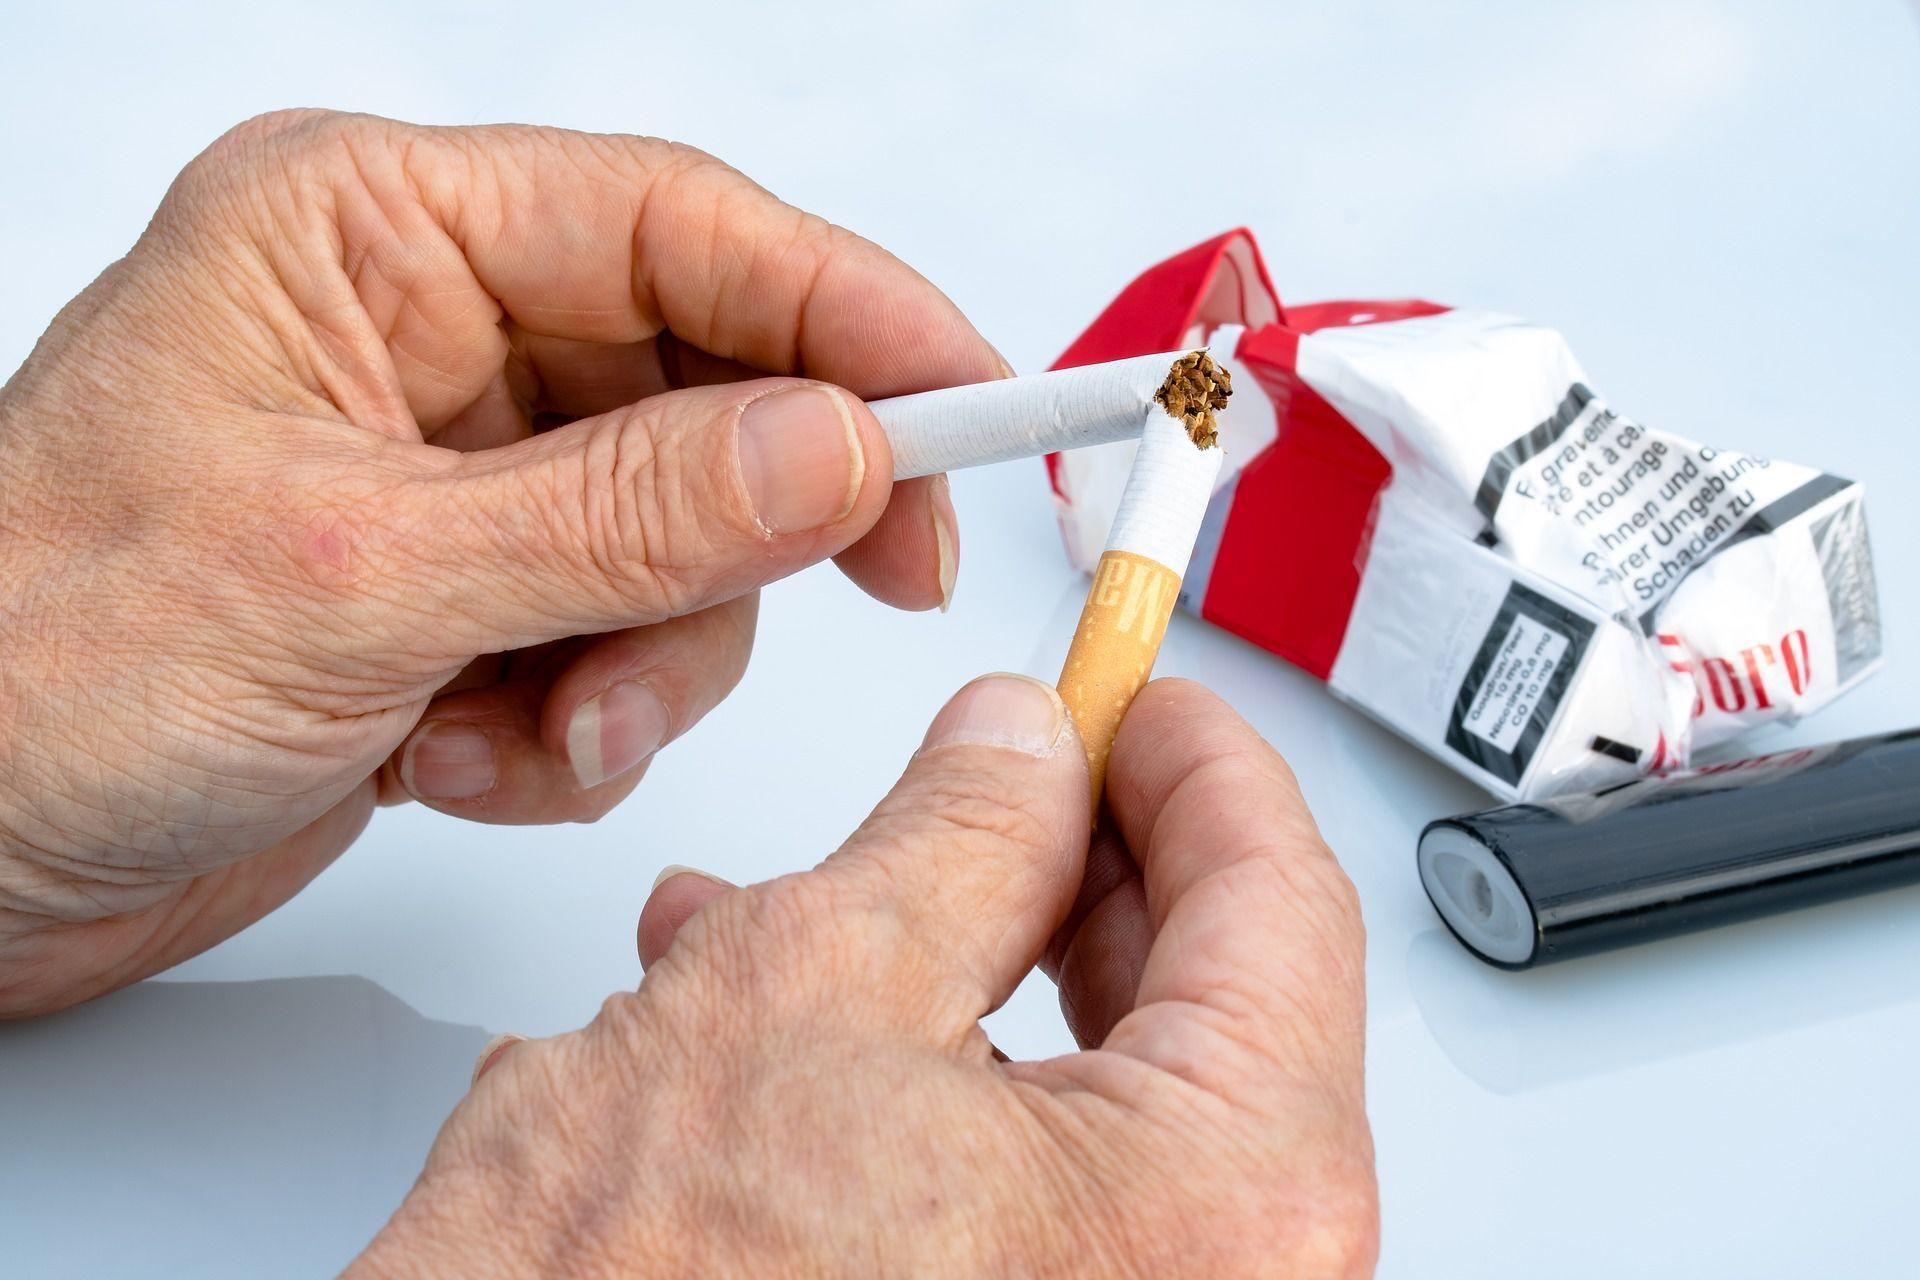 最近10年,俄罗斯的烟民数量减少了43%